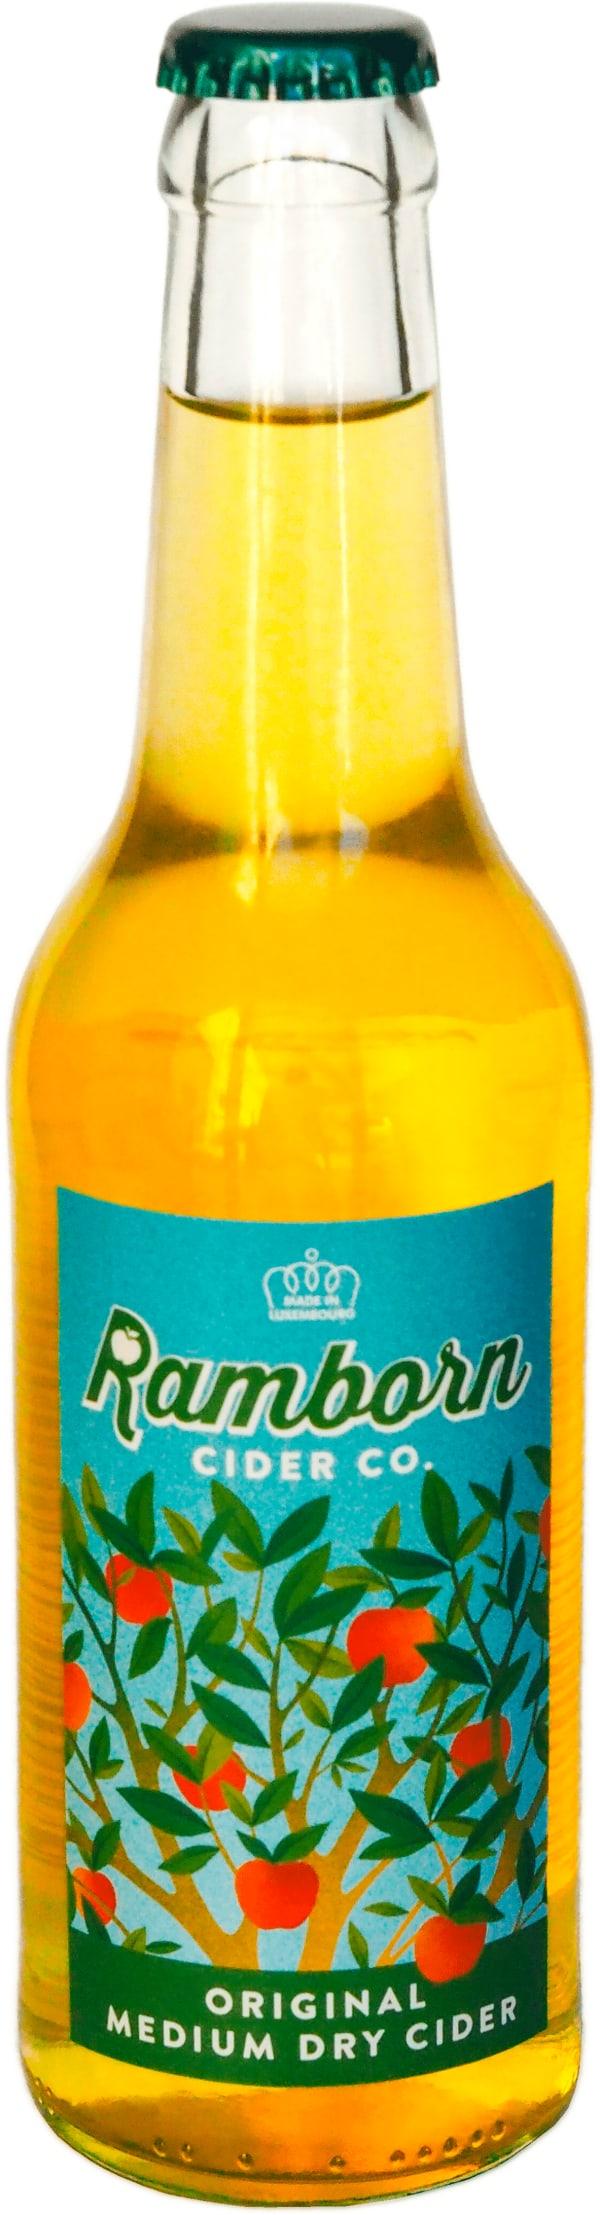 Ramborn Original